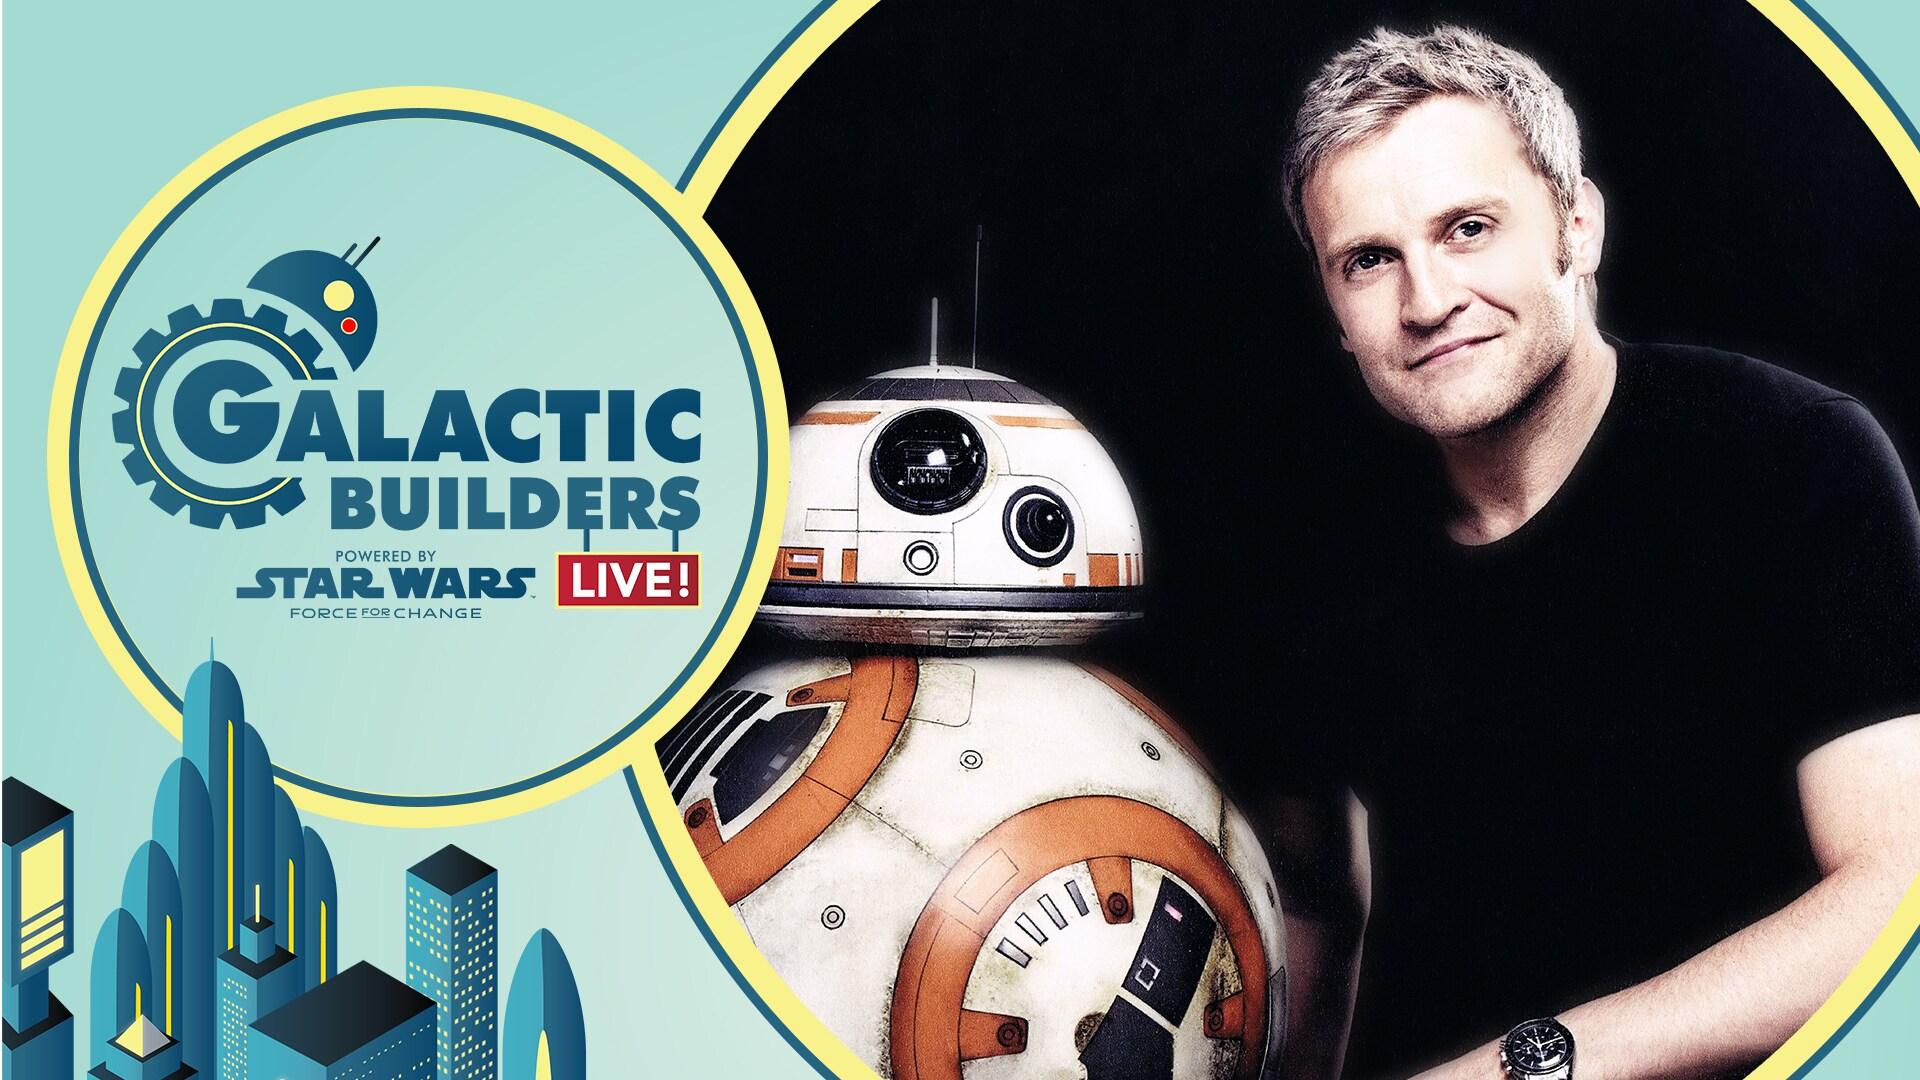 Star Wars: Galactic Builders Live!   Galactic Builders